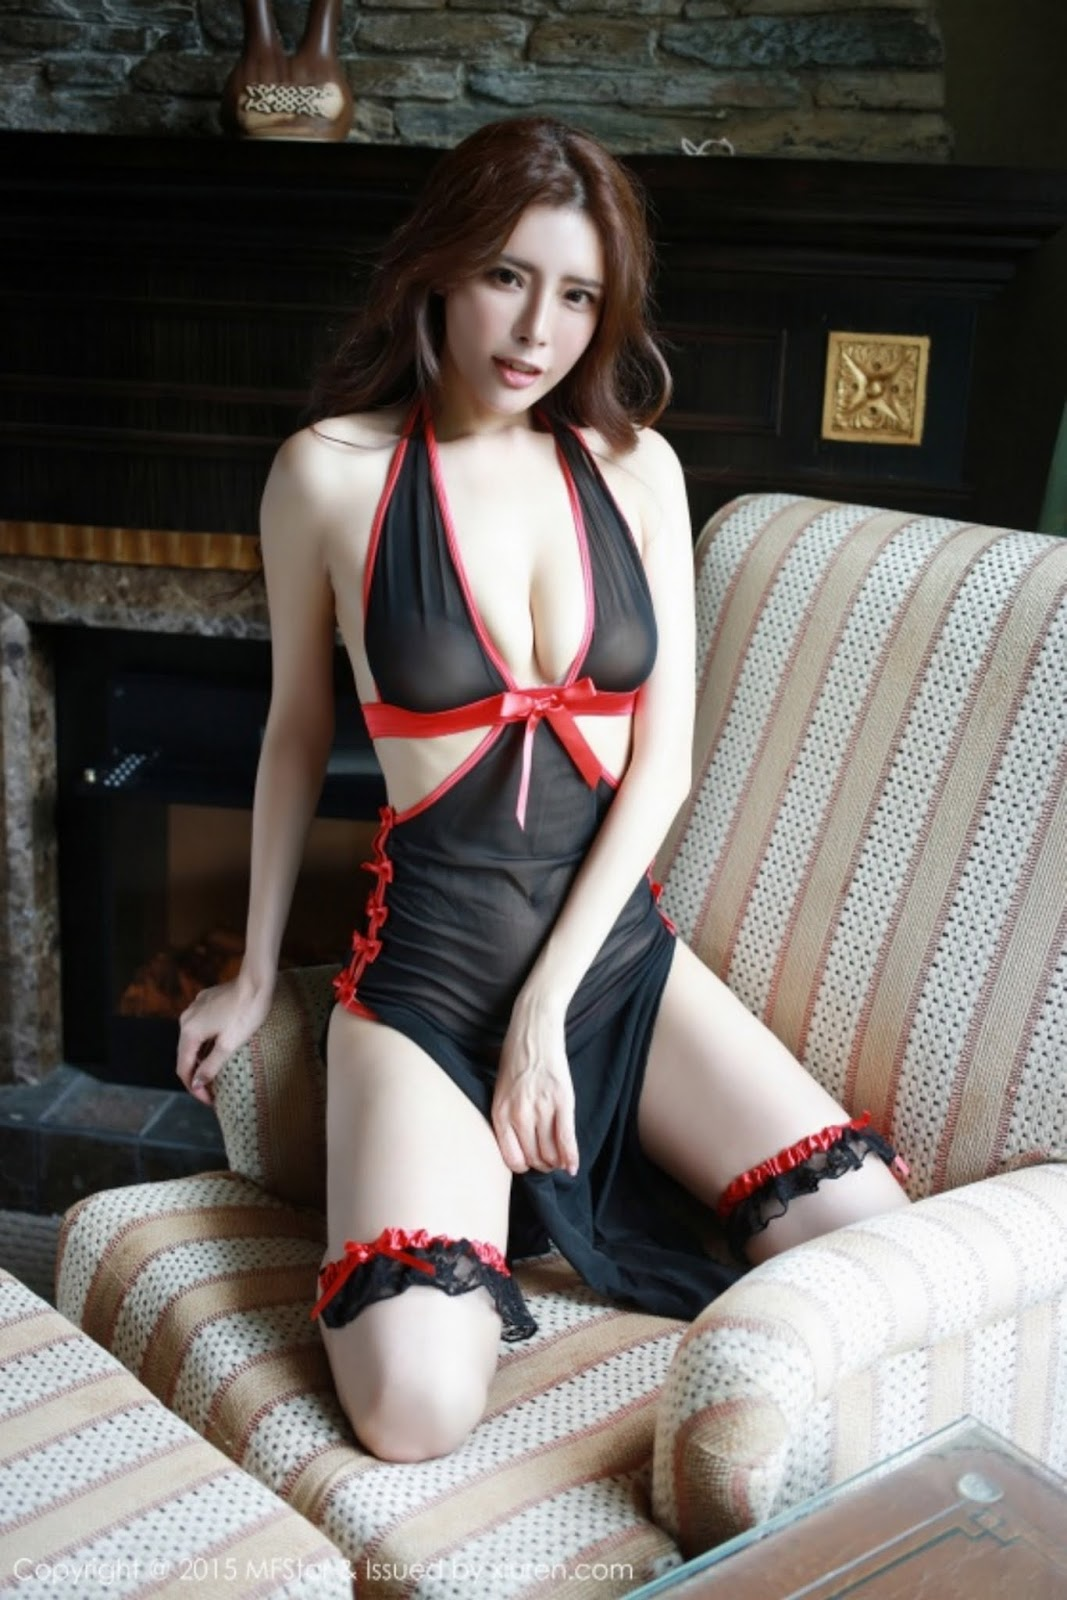 0015 - Hot MFSTAR VOL.10 Model Girl Hot